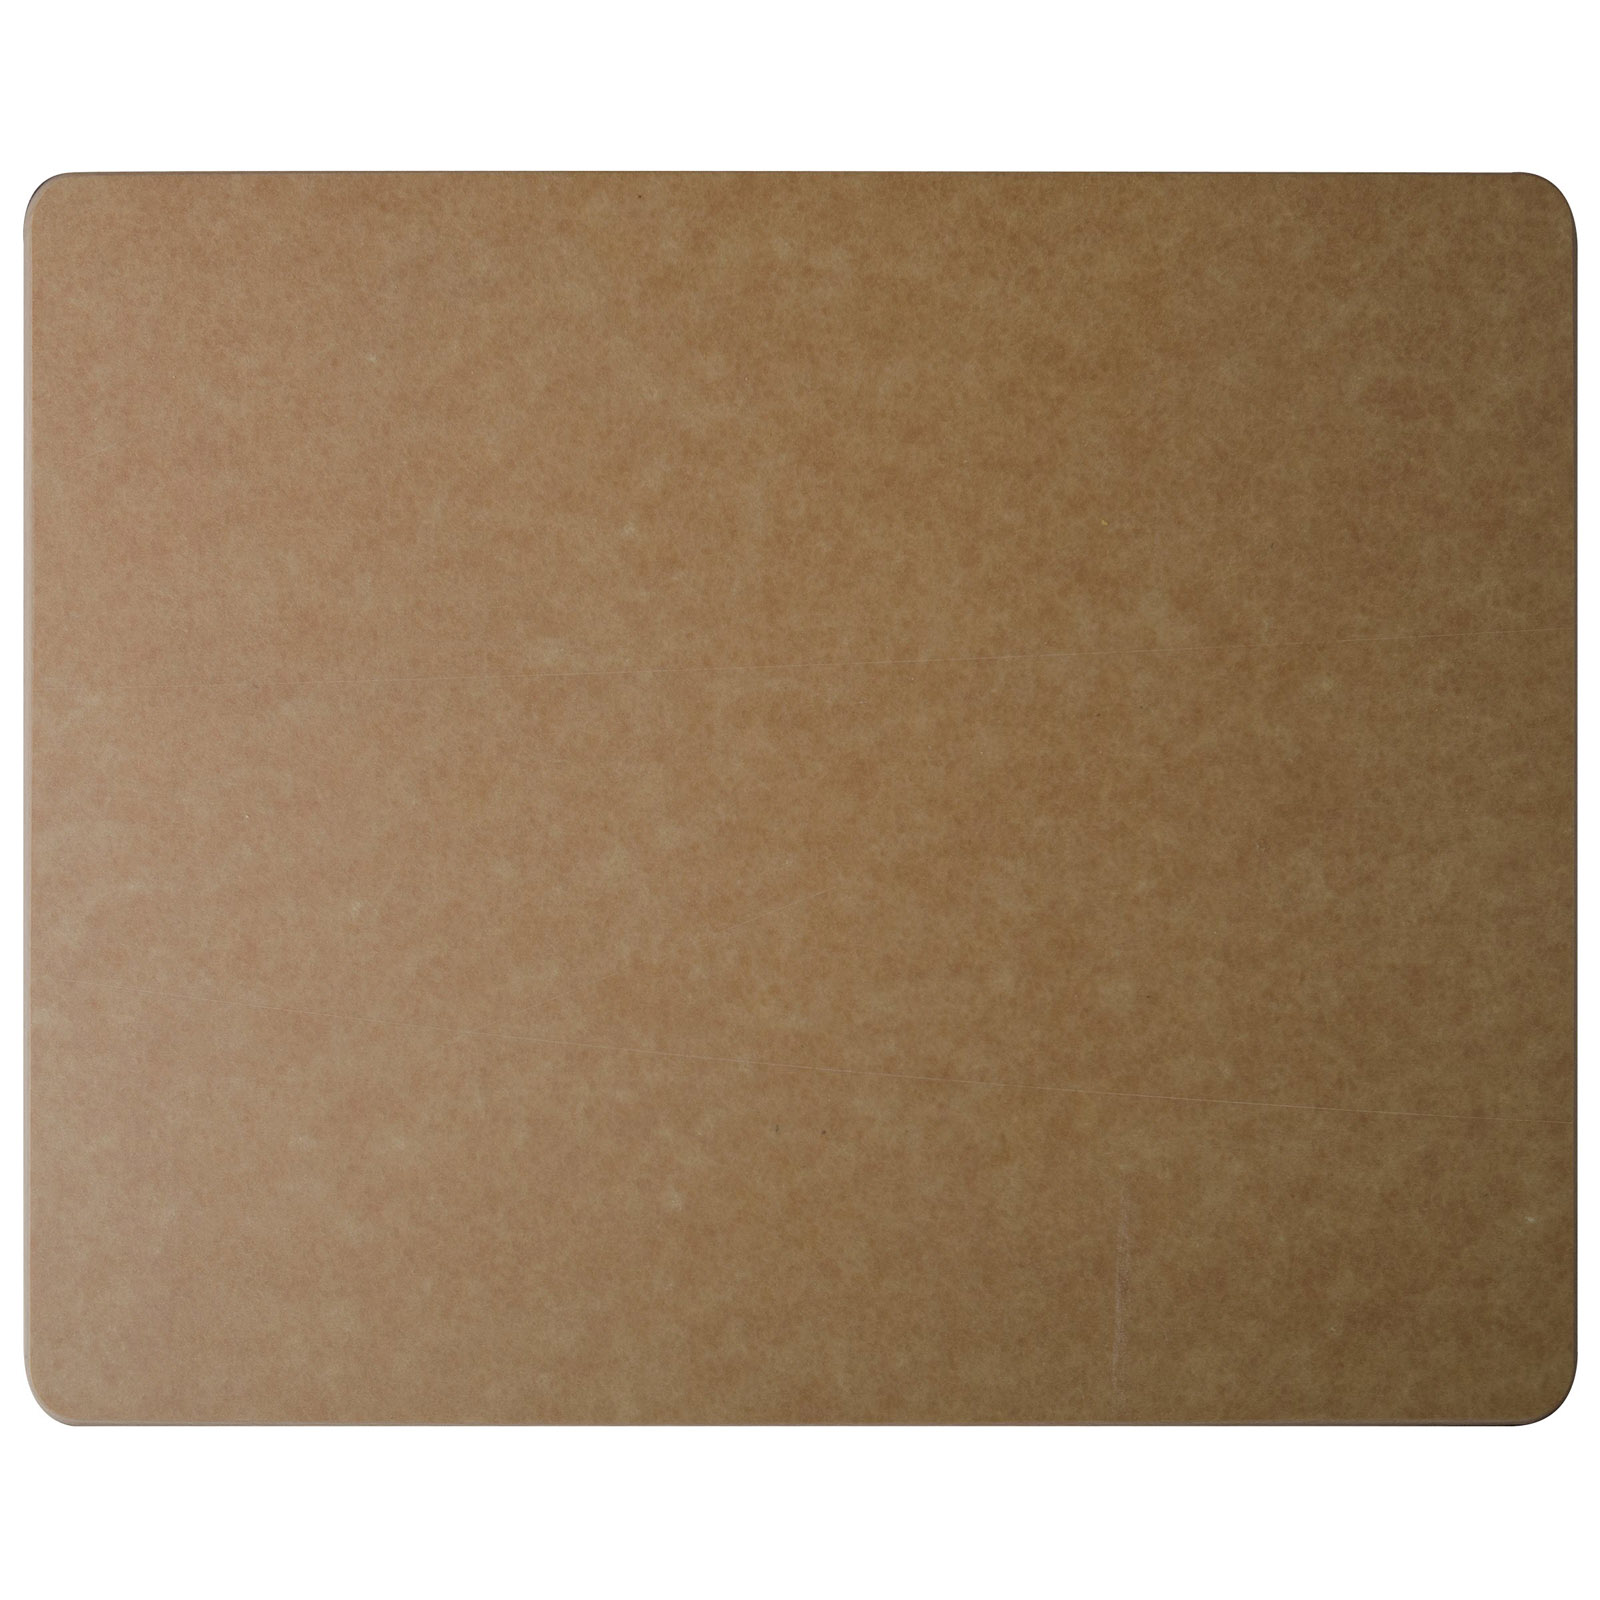 San Jamar TC121812 cutting board, plastic